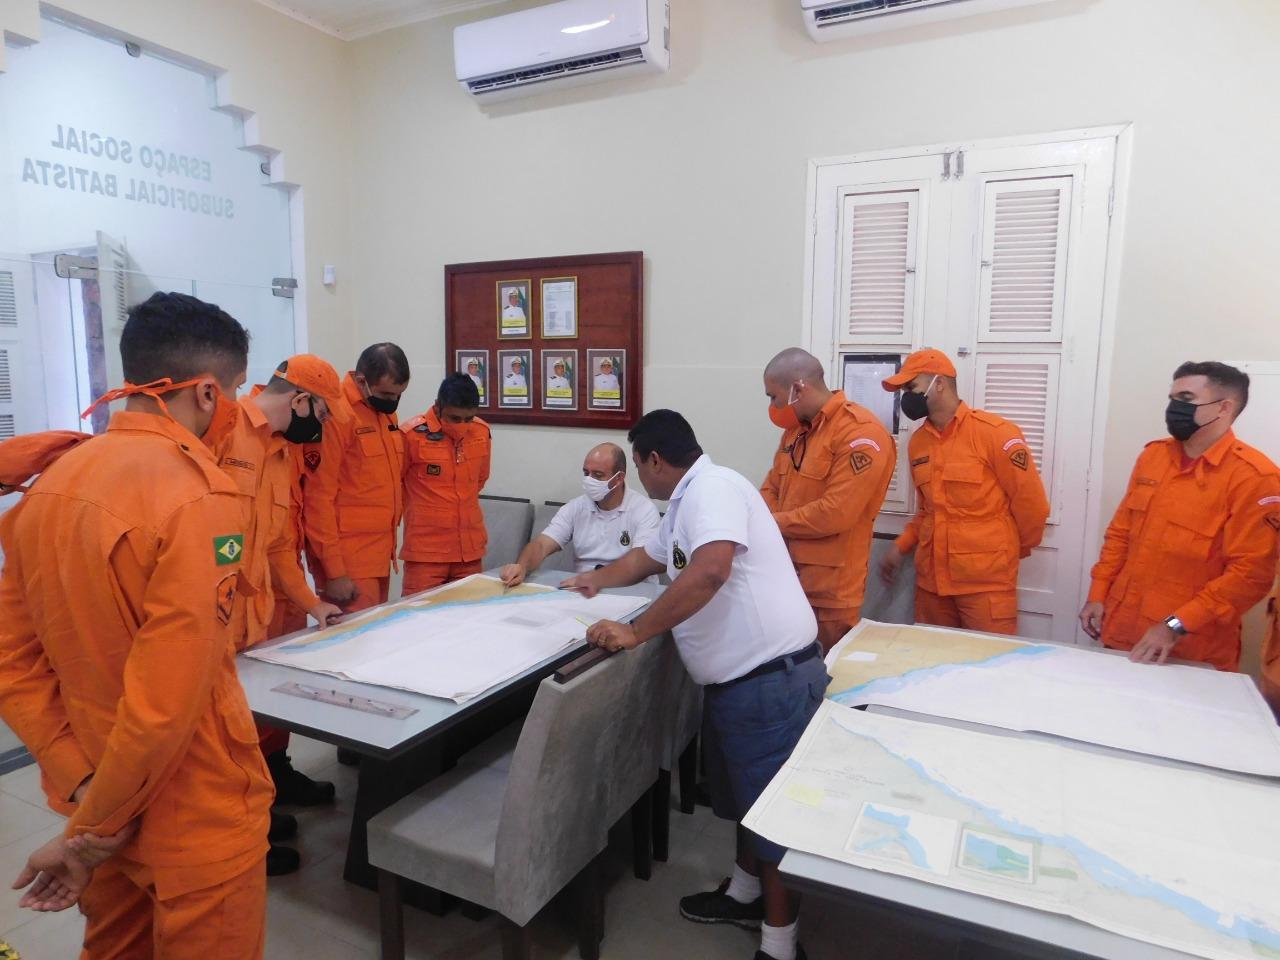 Bombeiros do Aracati iniciam capacitação em Estágio de Tripulação de Embarcação do Serviço Público